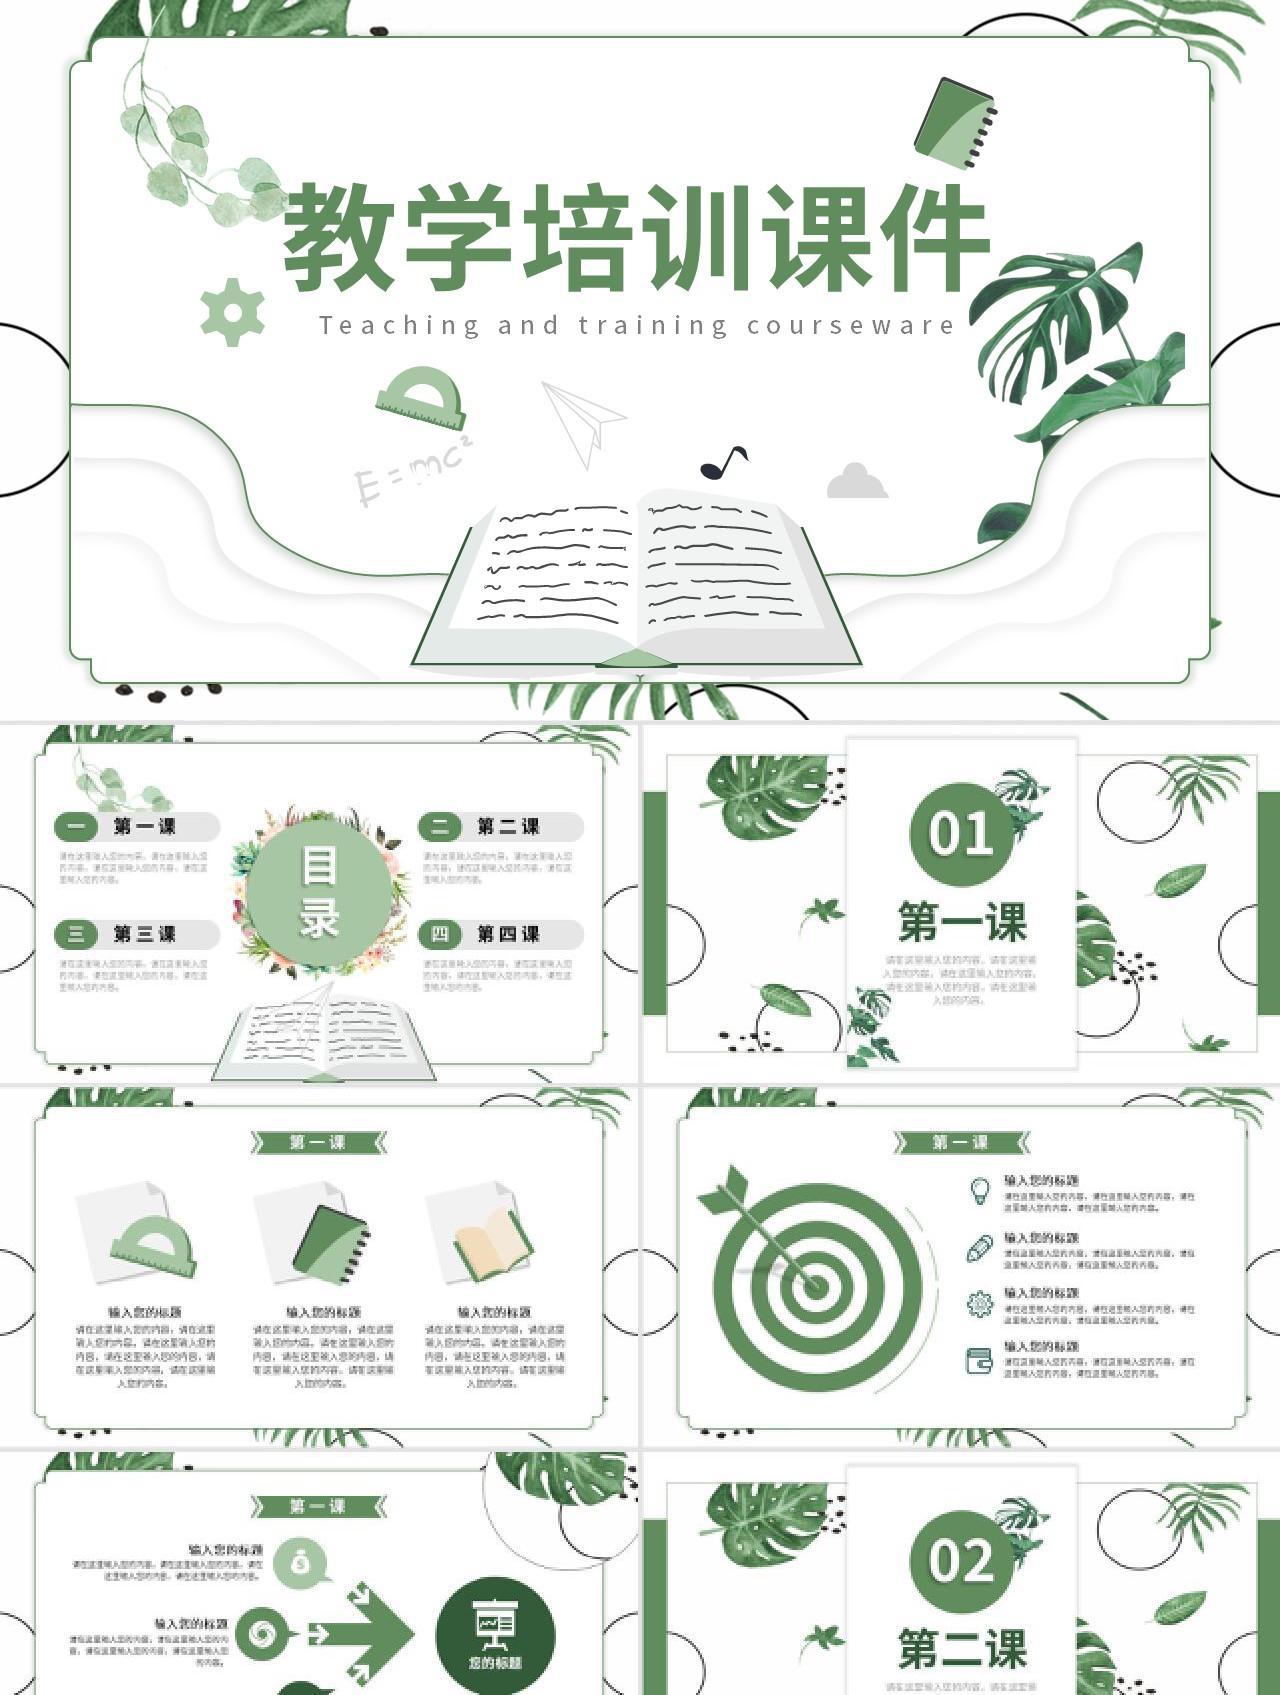 绿色小清新教育教学培训课件PPT模板